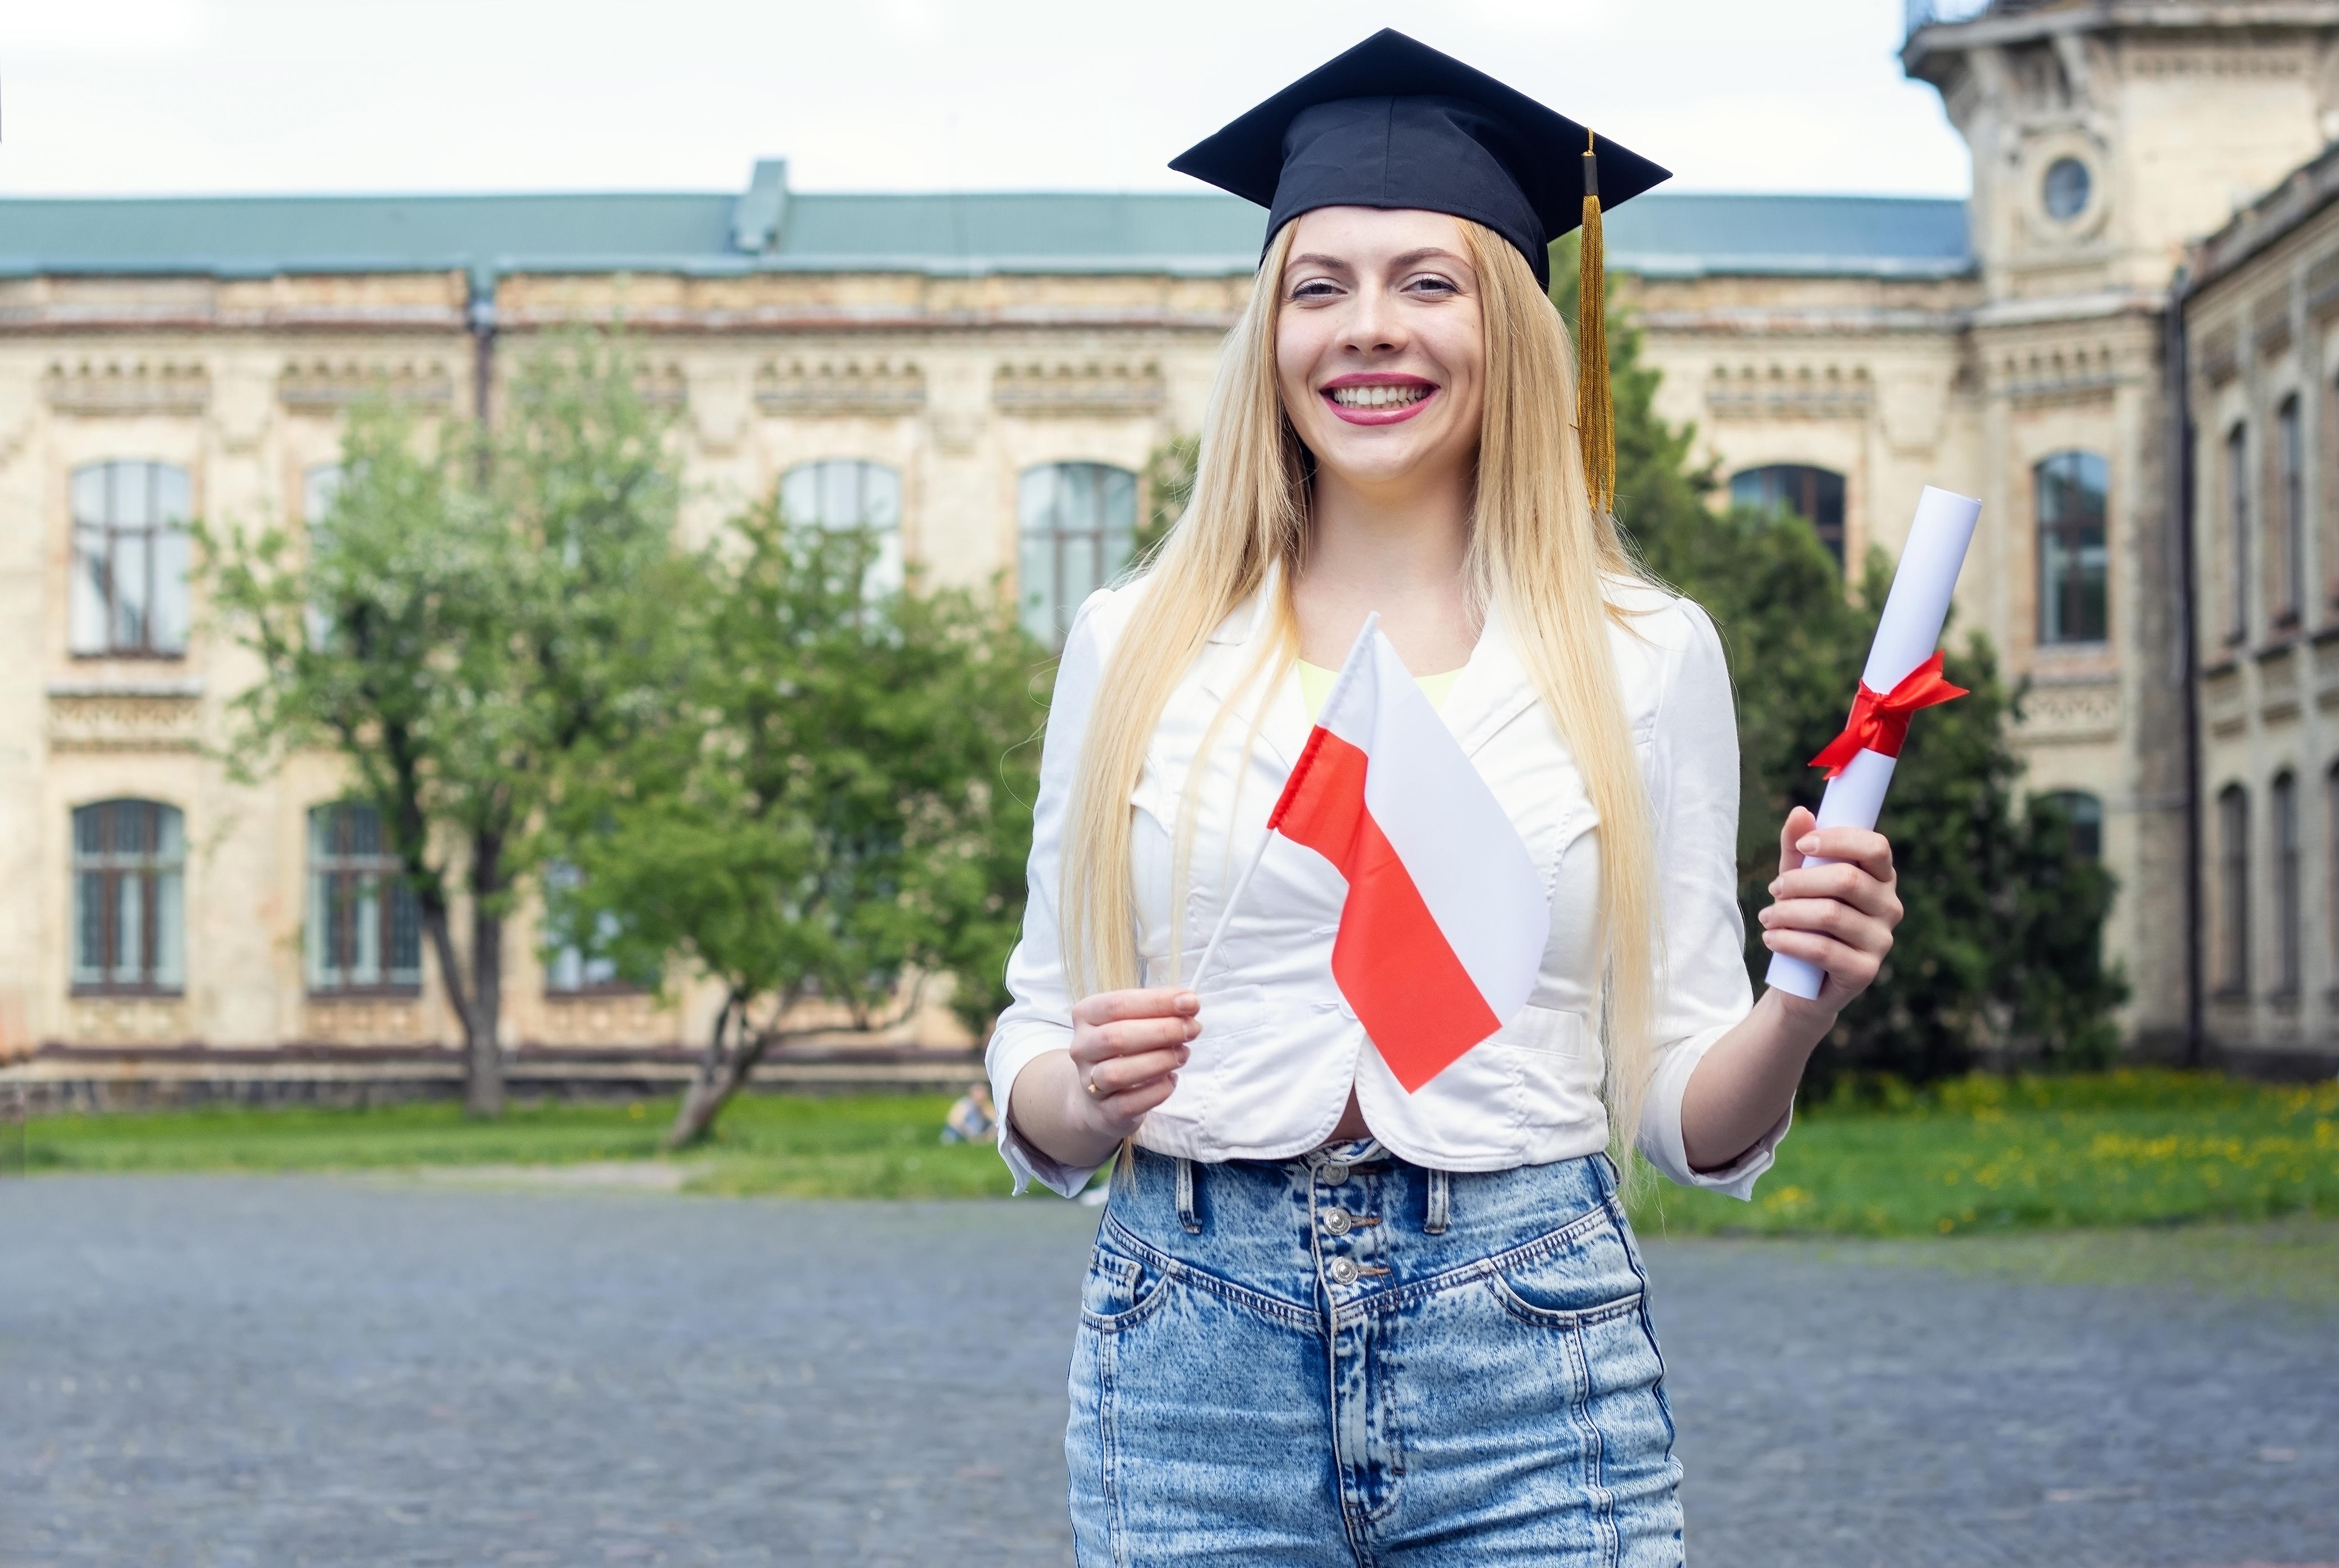 Девушка с флагом Польши, где иностранцы могут обрести образование бесплатно